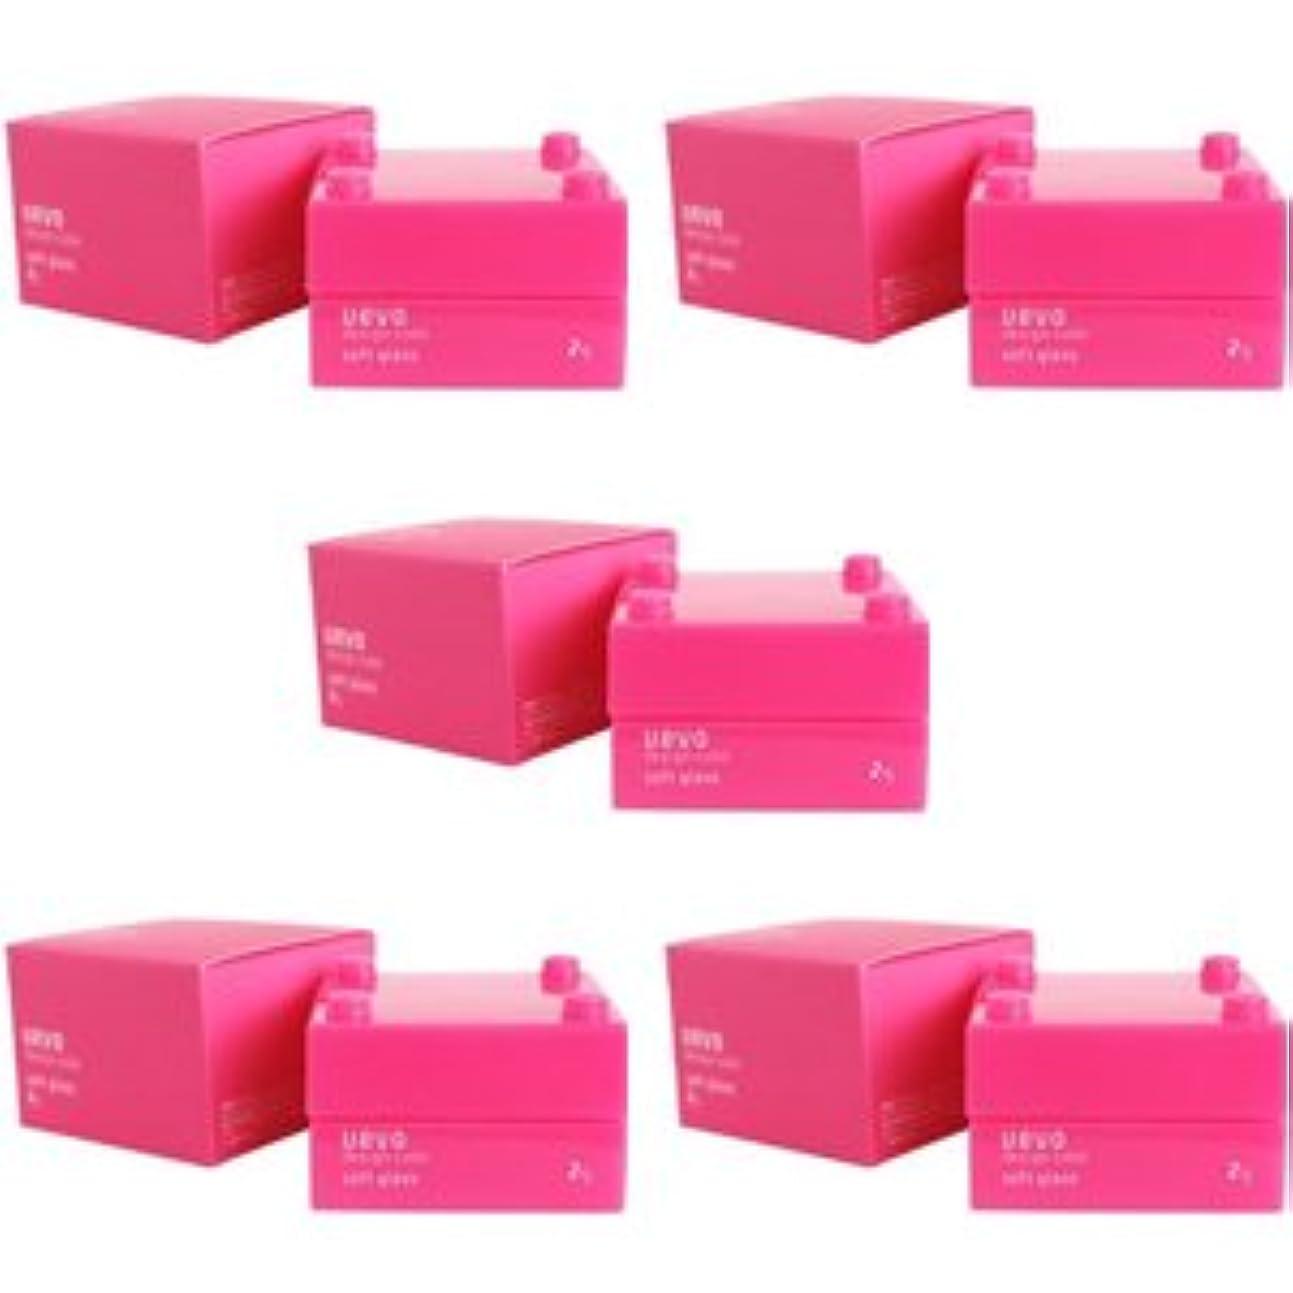 横フライト施設【X5個セット】 デミ ウェーボ デザインキューブ ソフトグロス 30g soft gloss DEMI uevo design cube